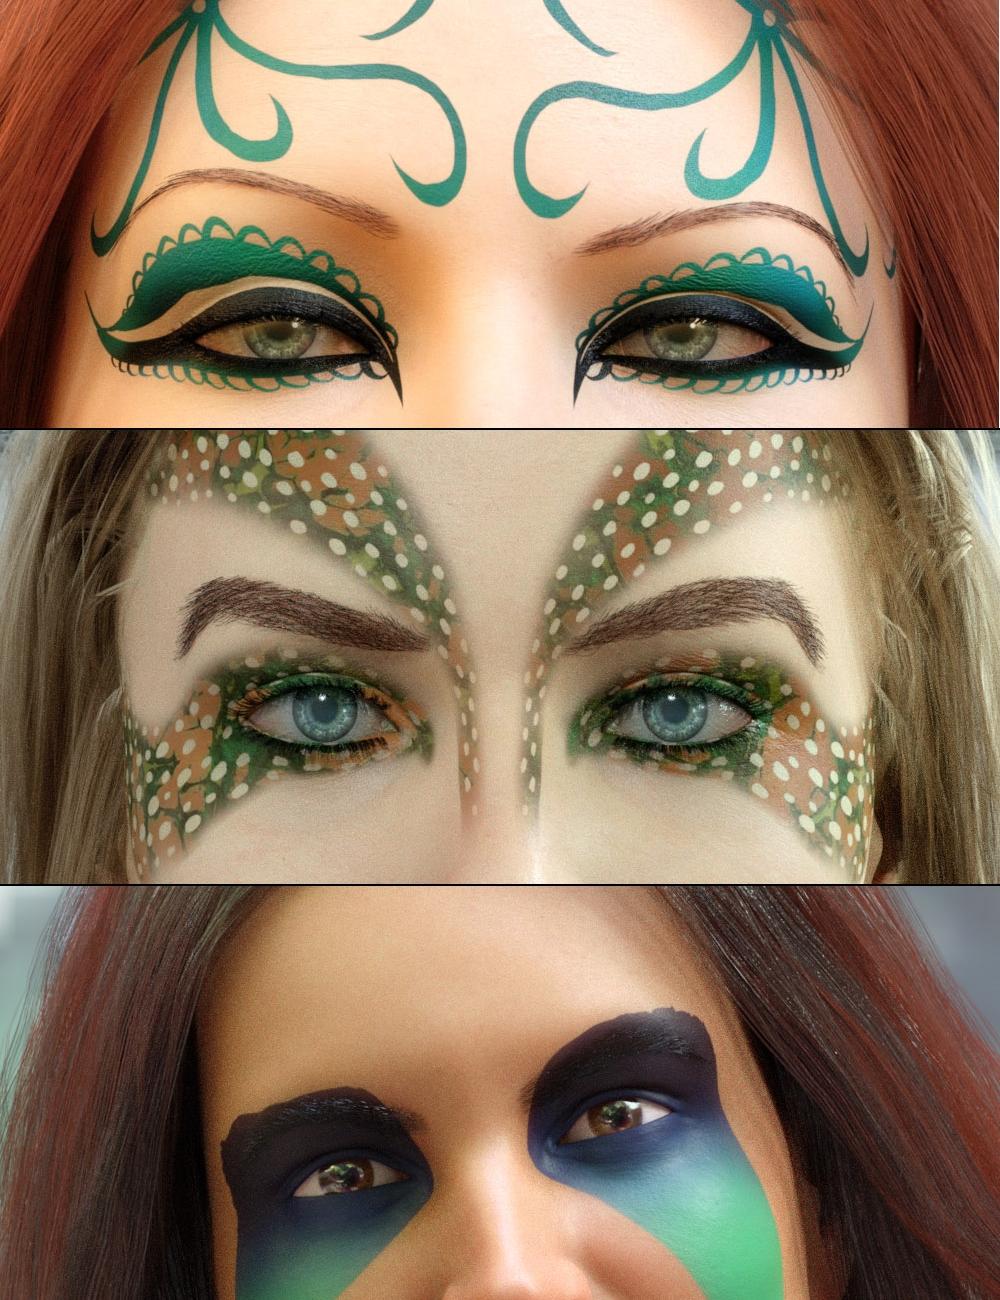 Ultimate Make-Up Fantasy Sets Bundle by: PhilW, 3D Models by Daz 3D